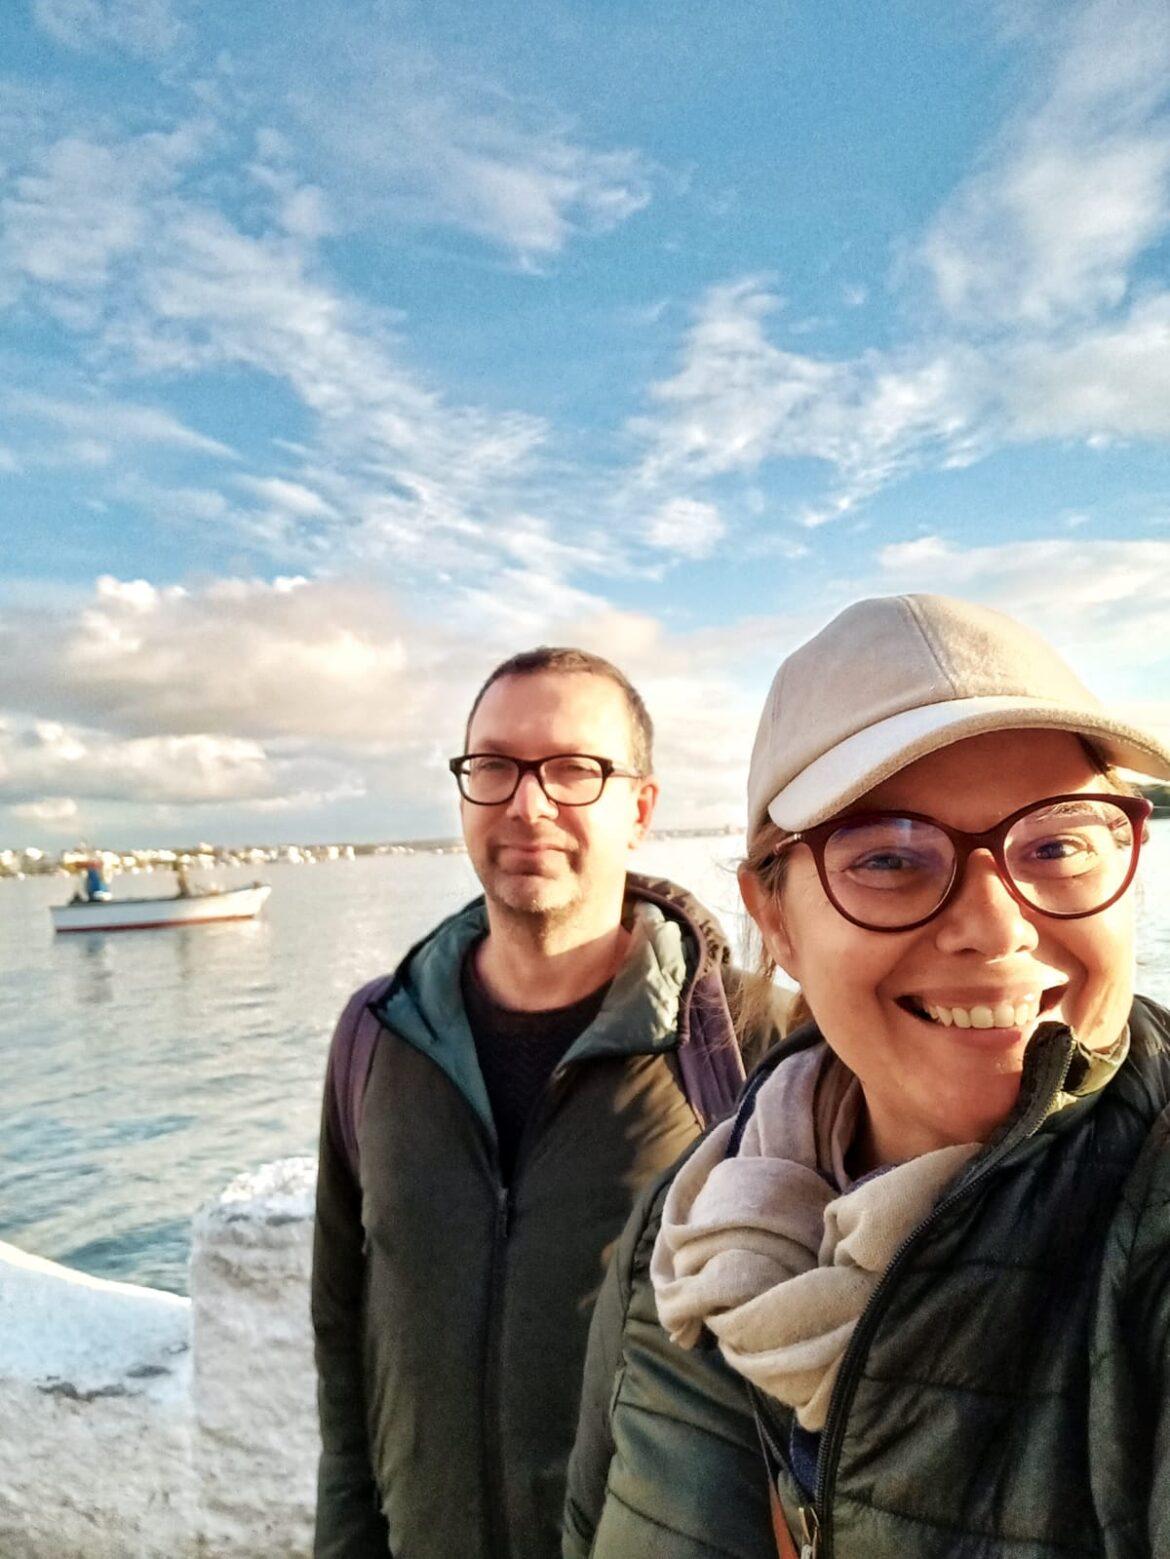 Nardò meta ideale per smartworking e vacanze slow, la scelta dei travel blogger Barbara e Davide